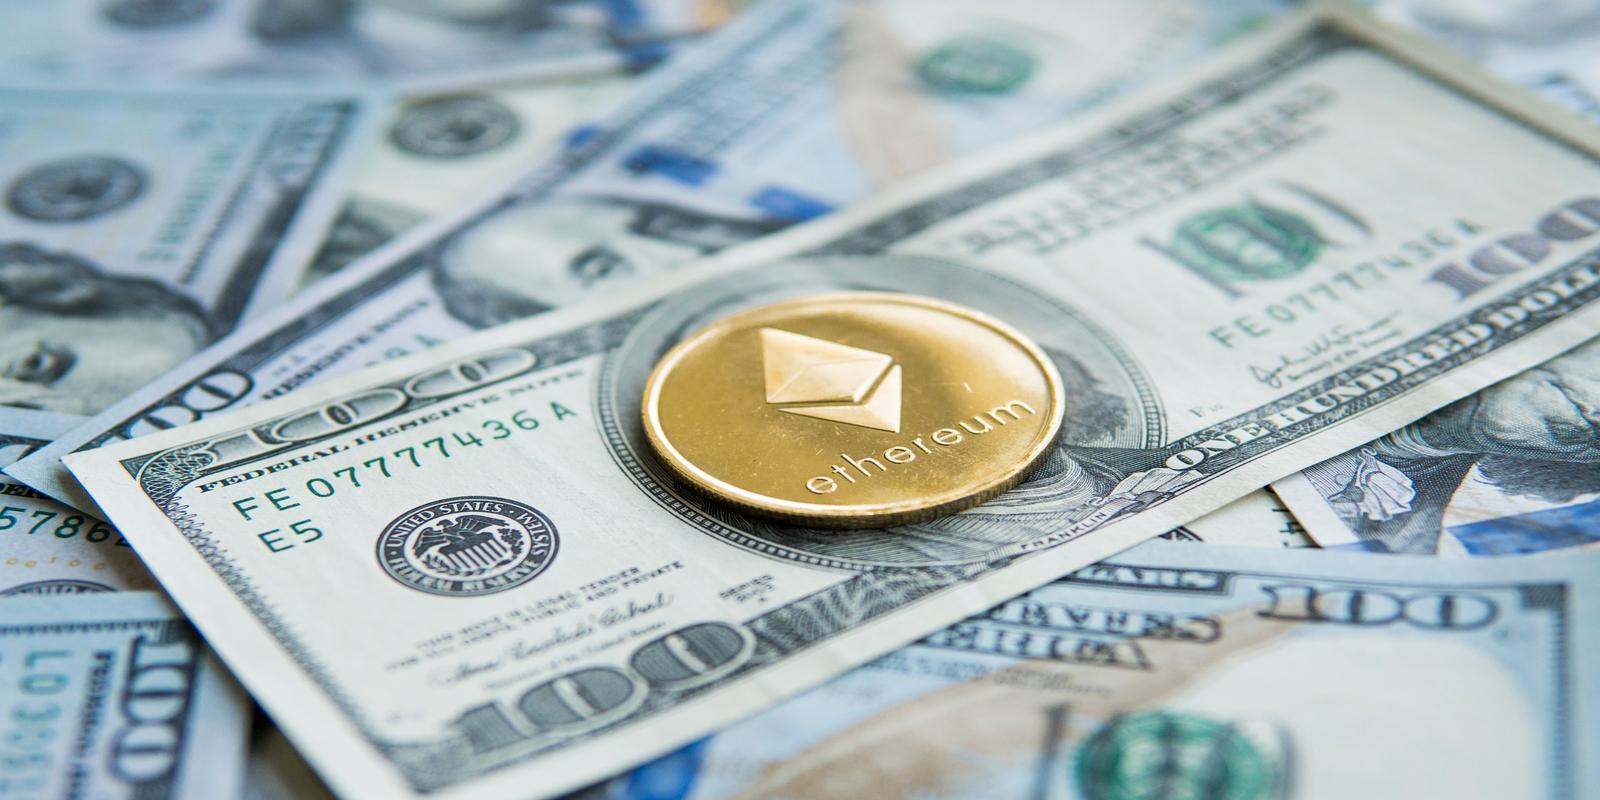 Ethereum : l'auteur des transactions à $5,2M de frais a été identifié